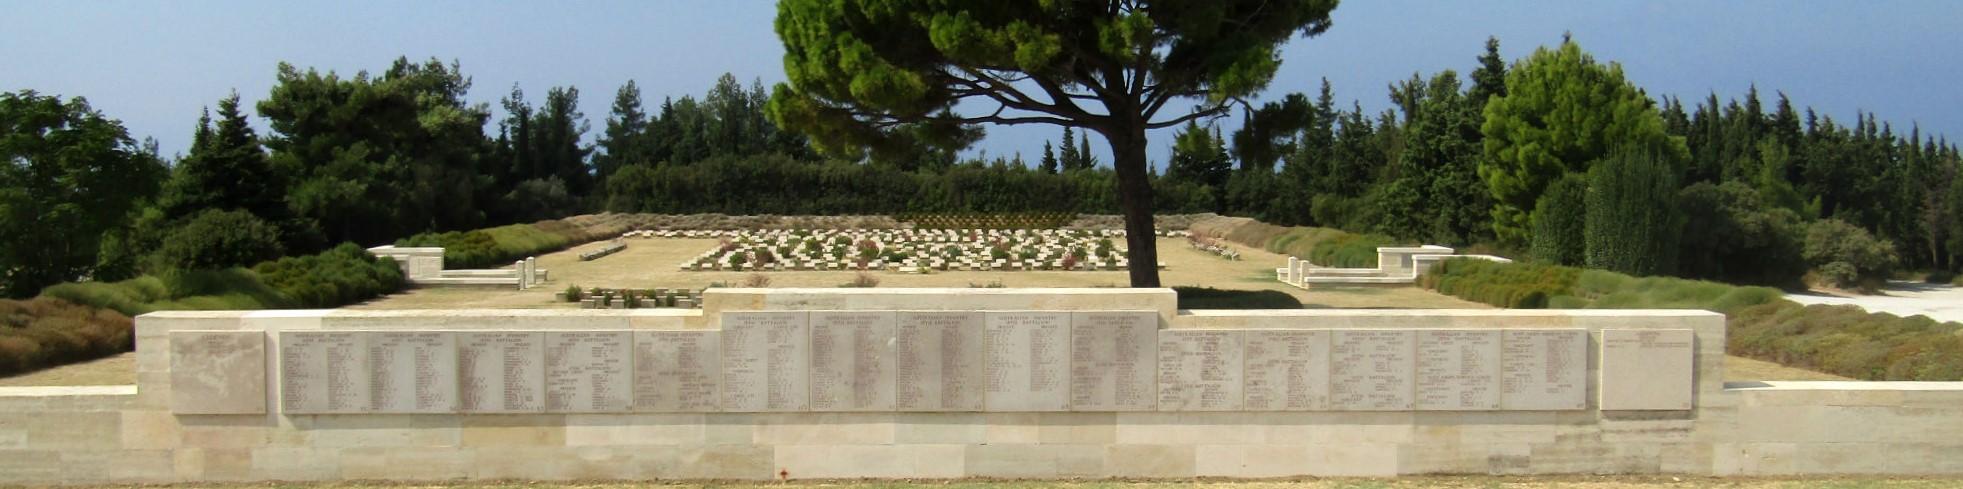 Lone Pine Cemetery and Memorial, Sari Bair Ridge, Eceabat District, Çanakkale Province